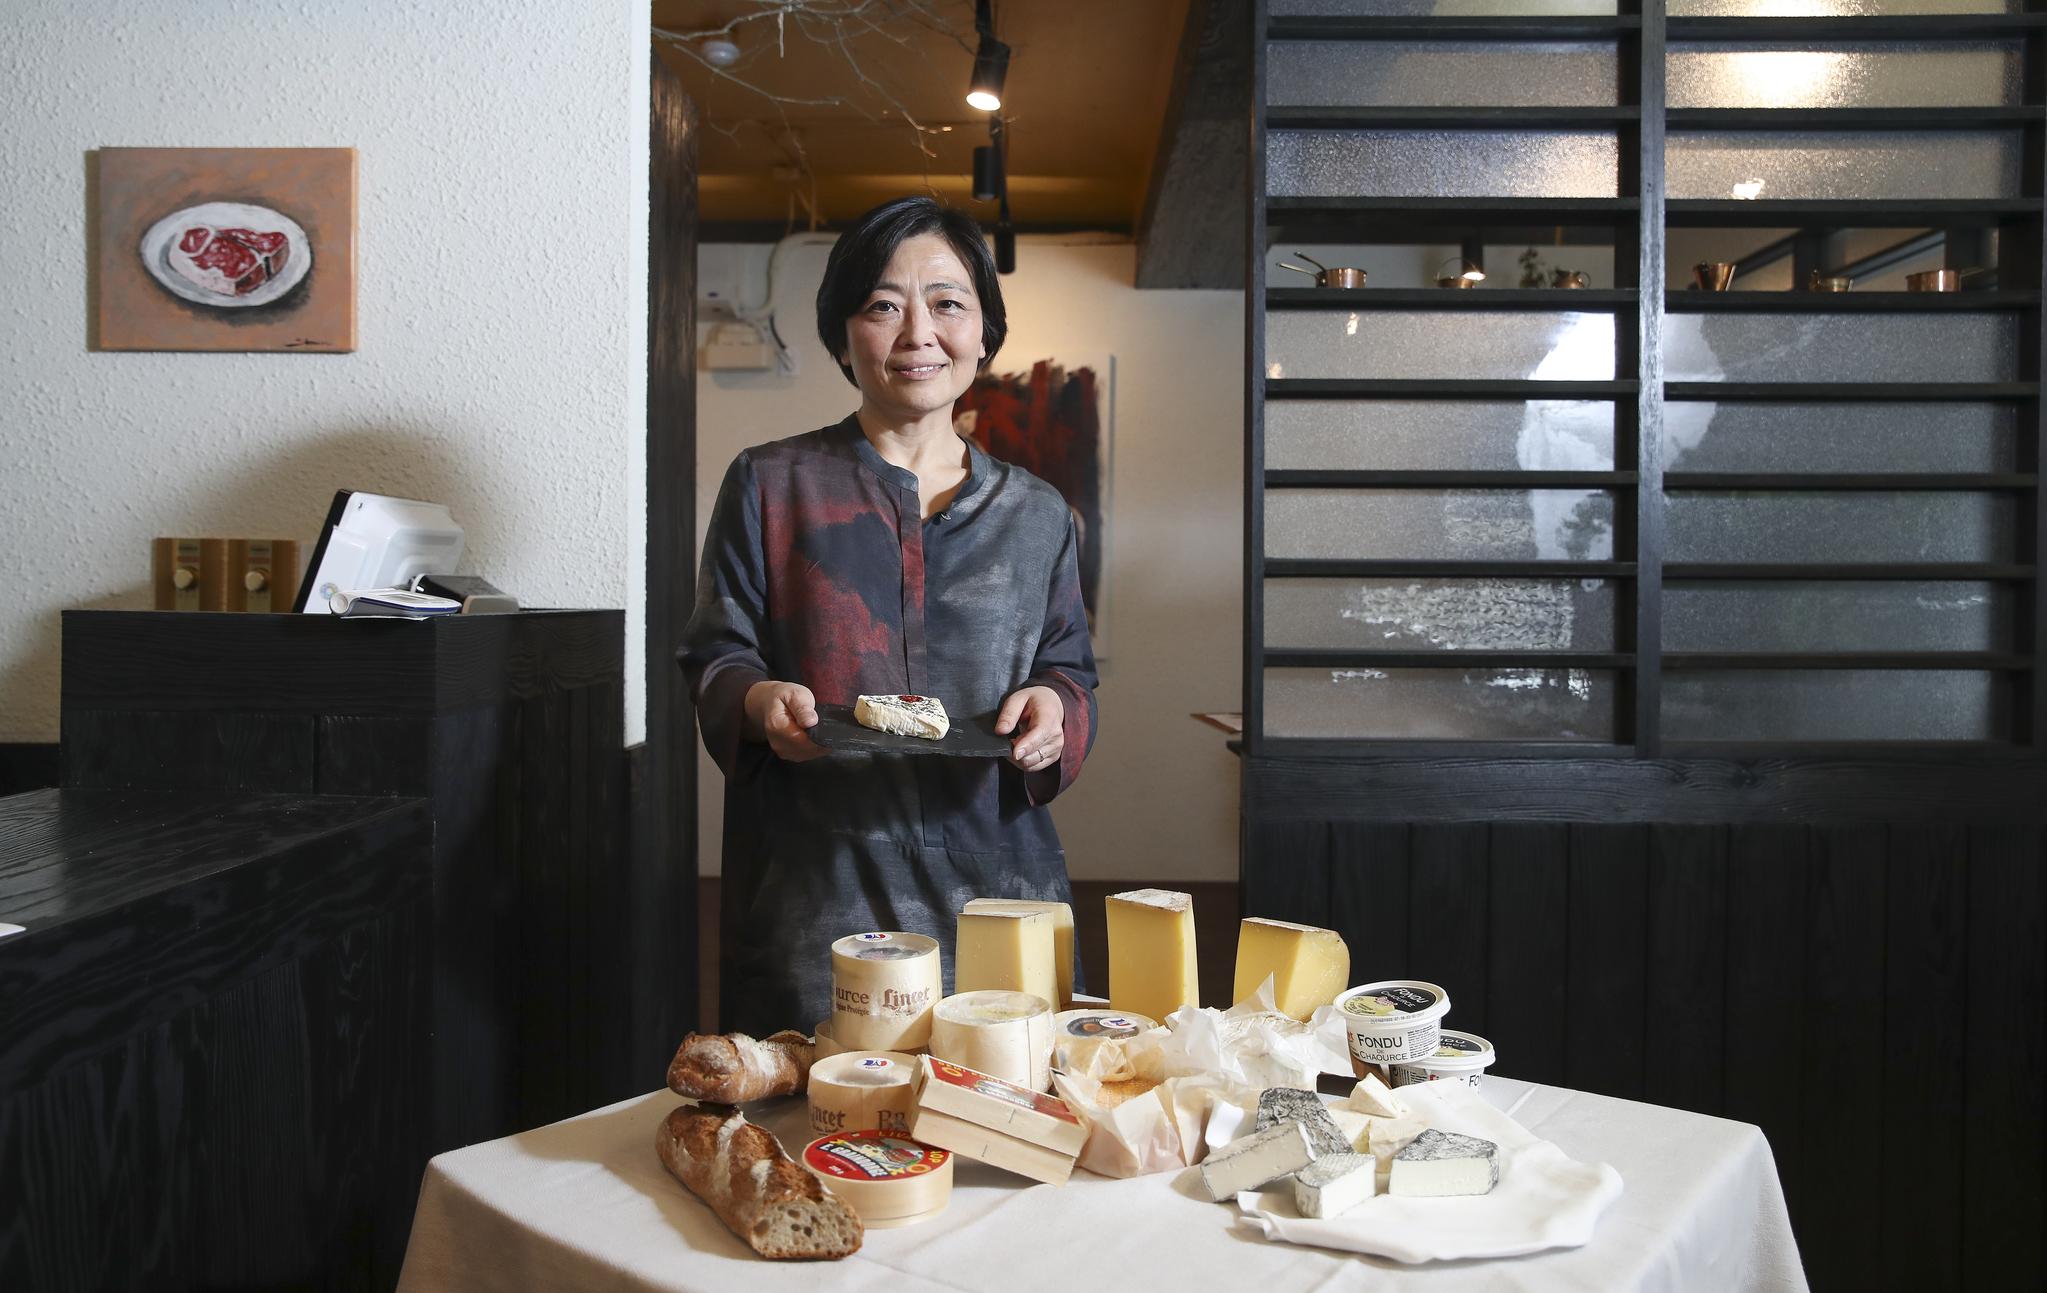 미국 최고의 치즈 장인인 소영 스칼란 '안단테 데어리'대표. 제대로 된 수제 치즈를 한국에 소개하고 치즈 맛에 대한 알맞은 한국어 표현을 찾기 위해 2월 13일 서울 강남구 신사동 '스파크' 레스토랑에서 셰프들과 이야기하는 행사를 열었다. 임현동 기자